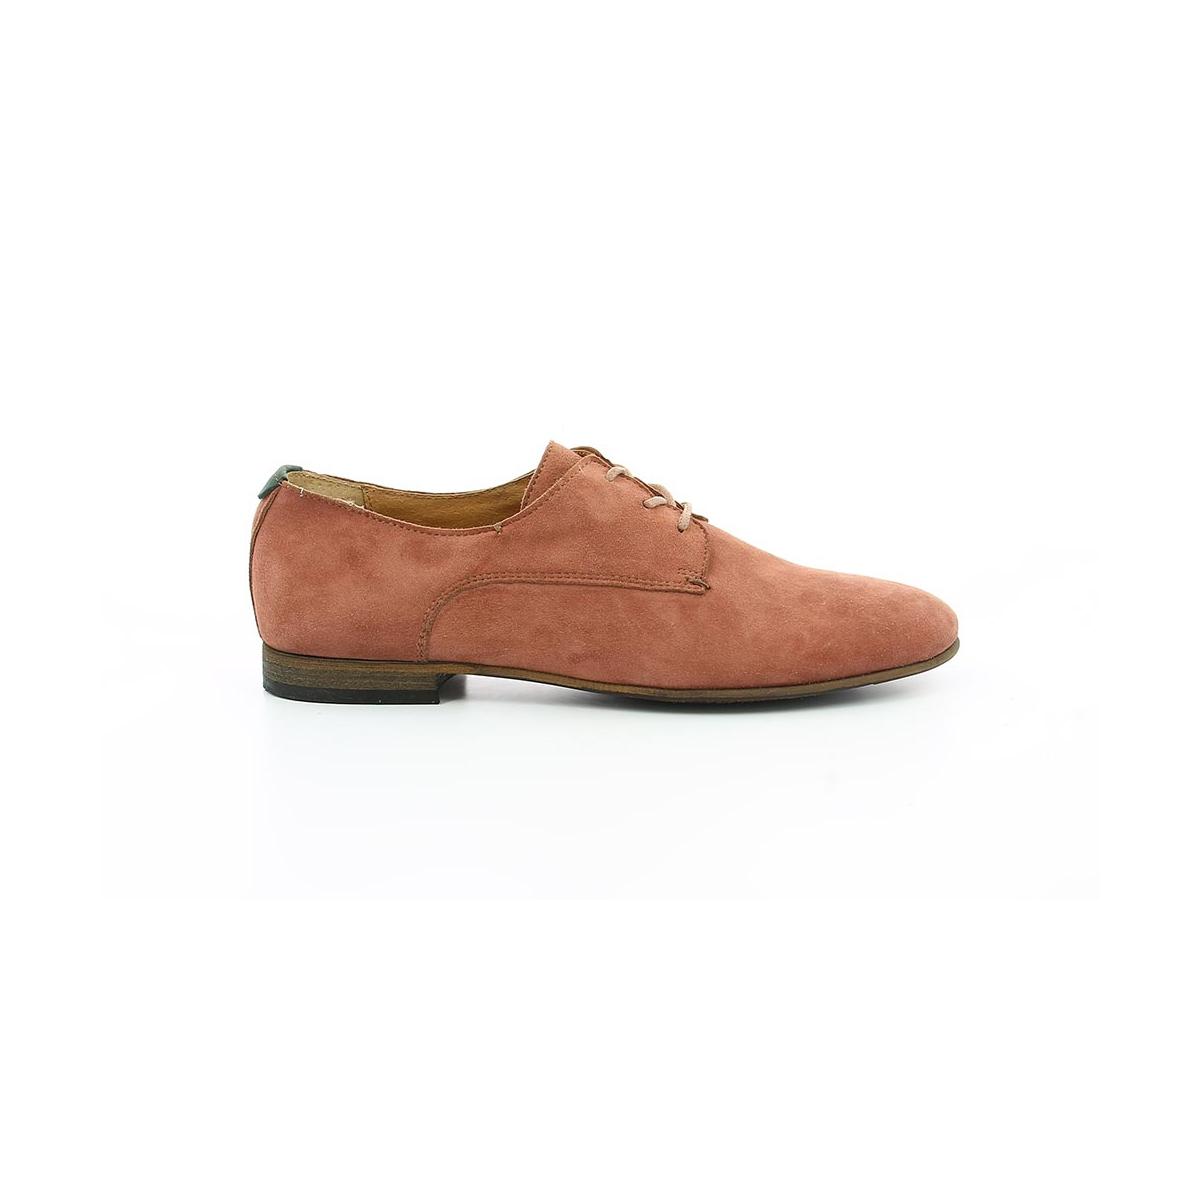 Galla - Chaussures À Lacets Pour Femmes / Kickers Rose T5jQ2m